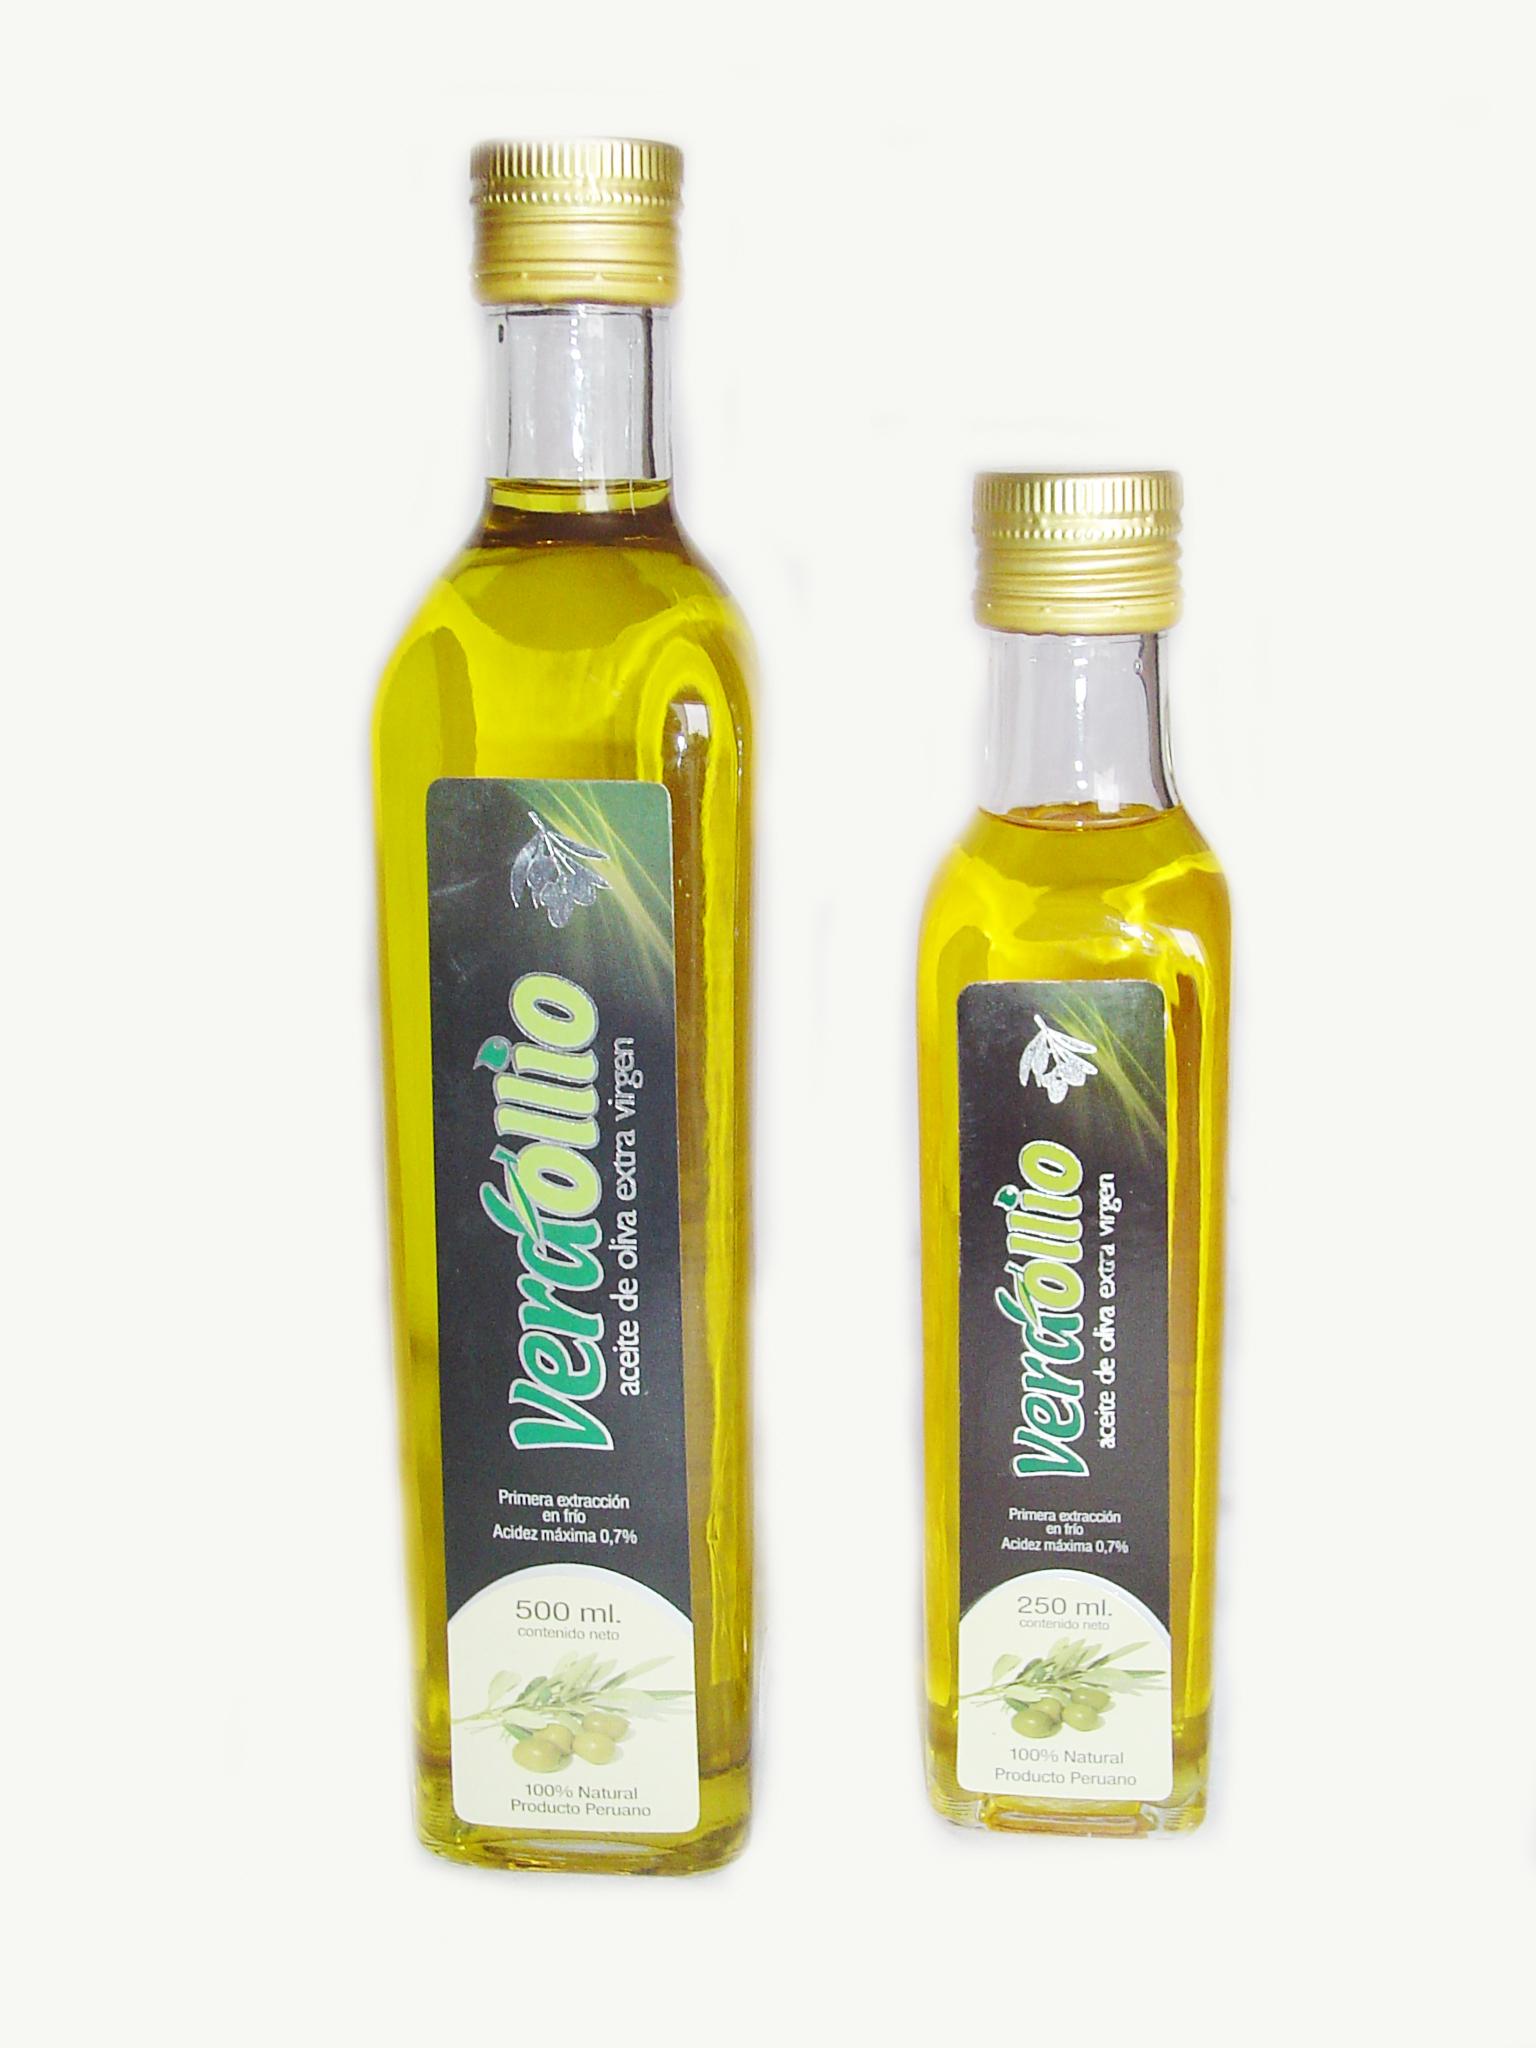 WBT Spanish olive oil